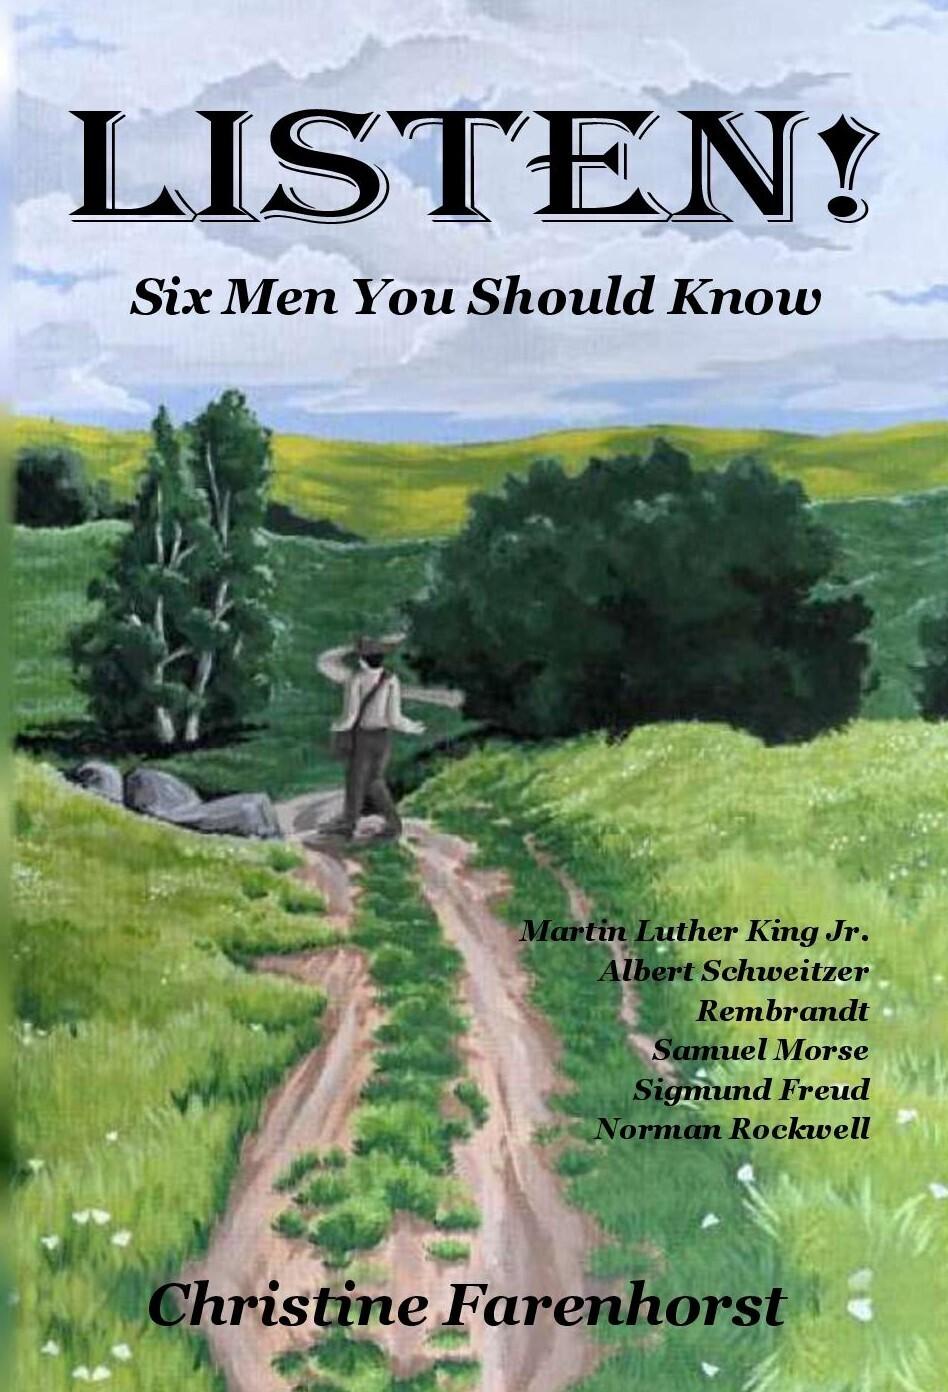 Listen! Six Men You Should Know by Christine Farenhorst (Soft-Cover & E-Book)